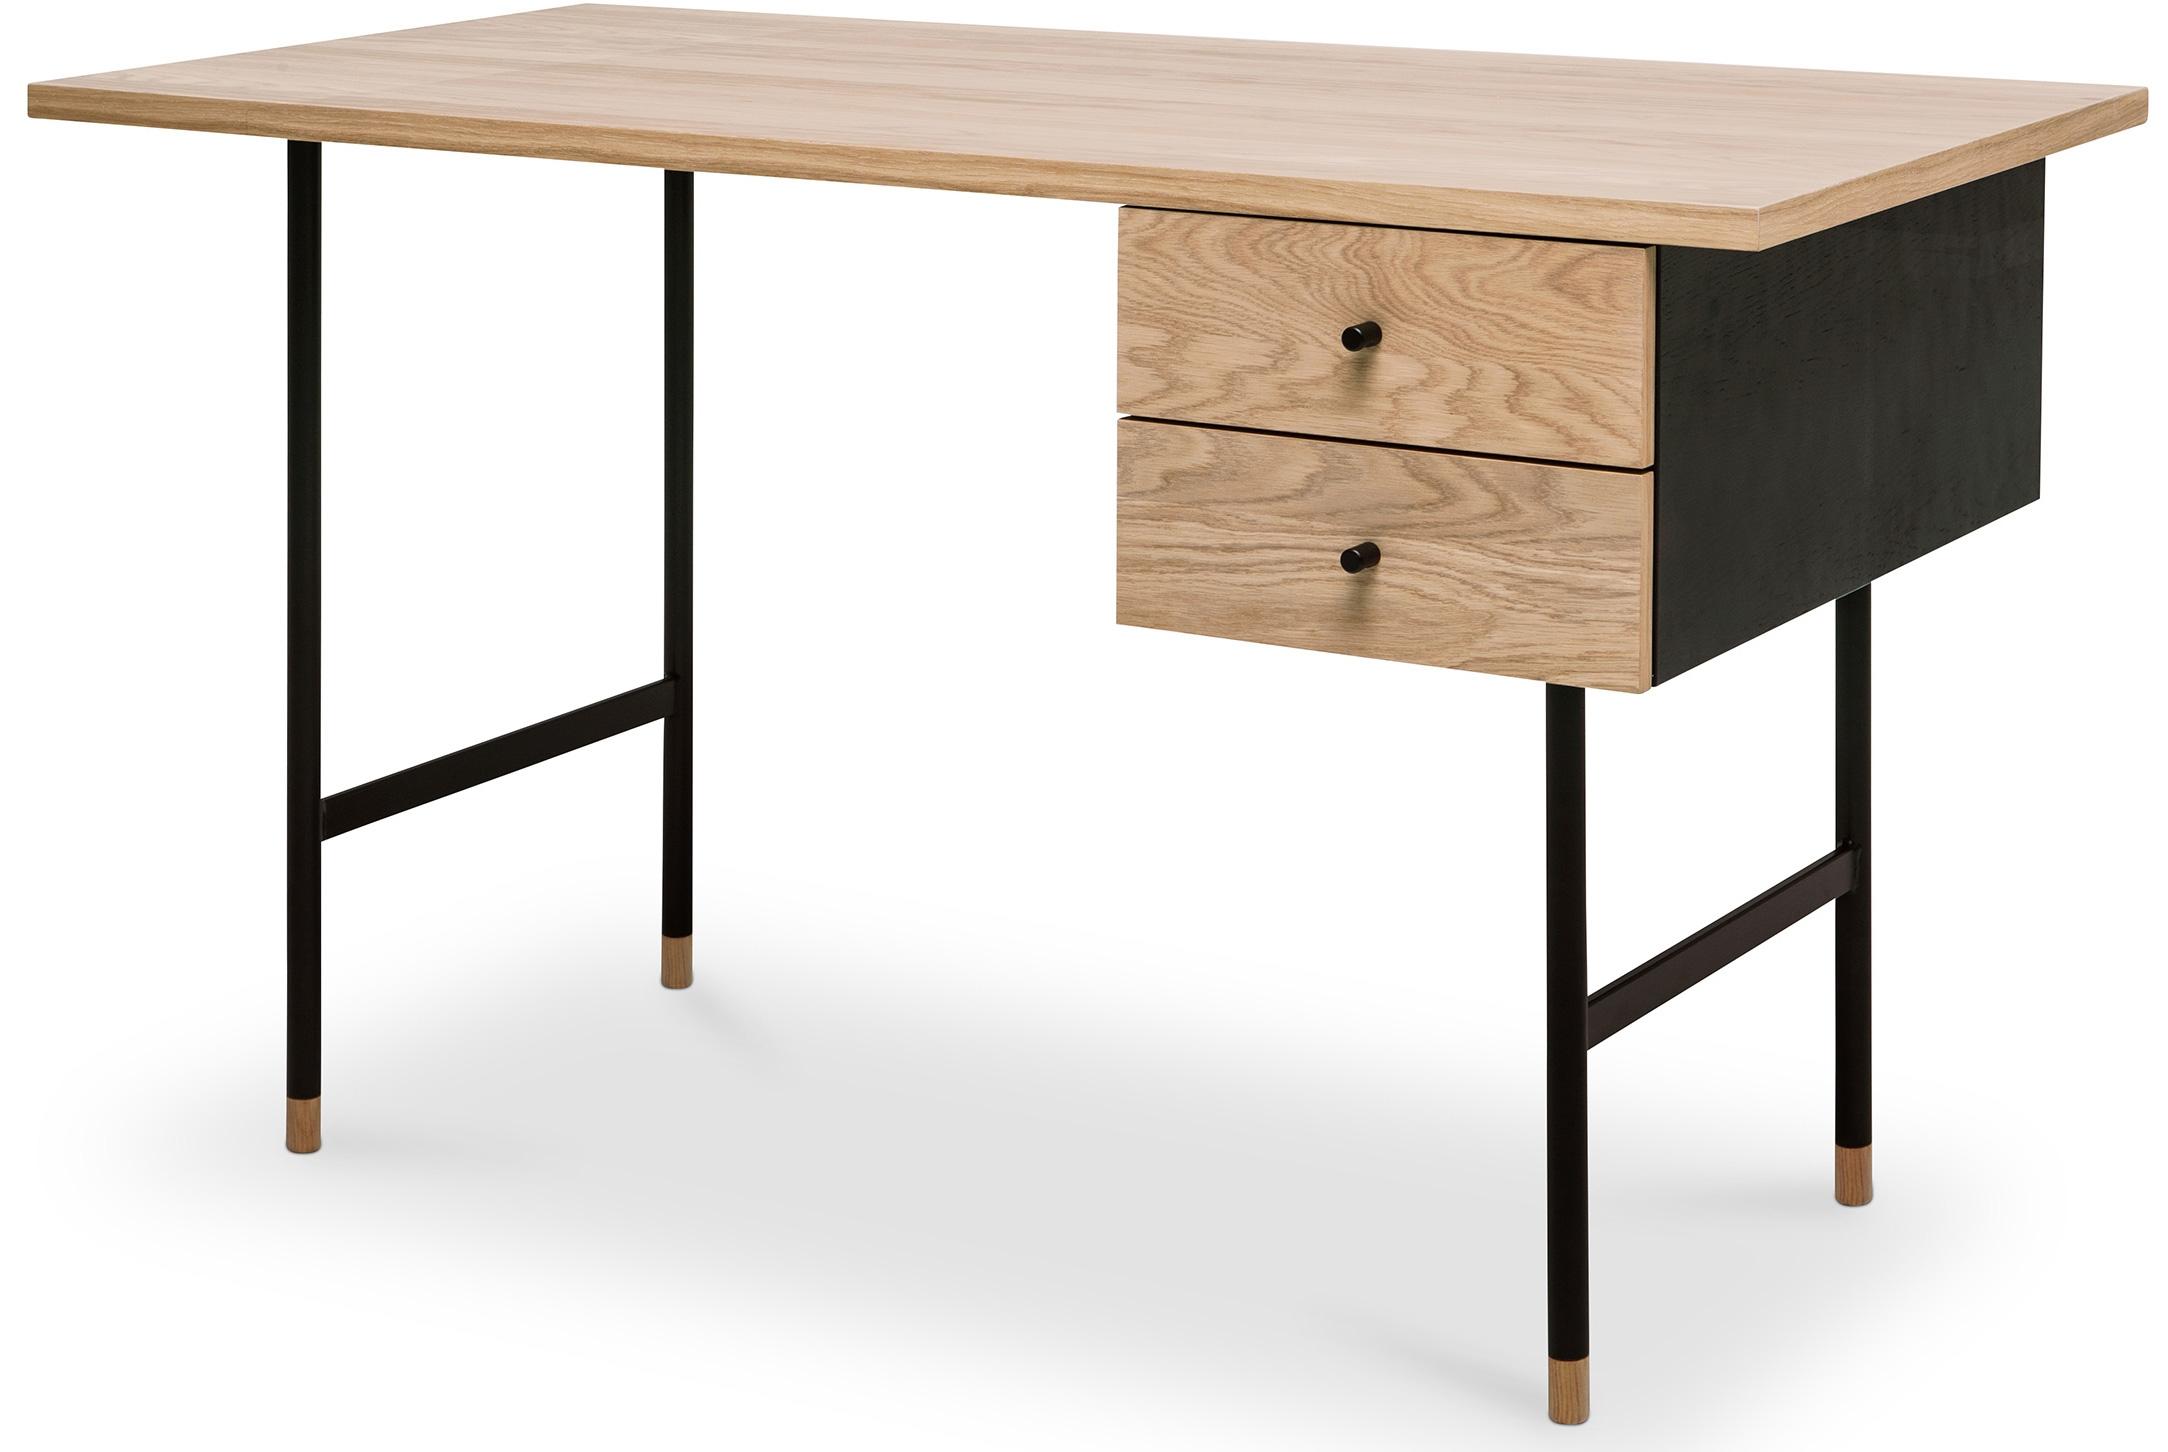 Bureau 2 tiroirs bois naturel et métal noir scando lestendances.fr